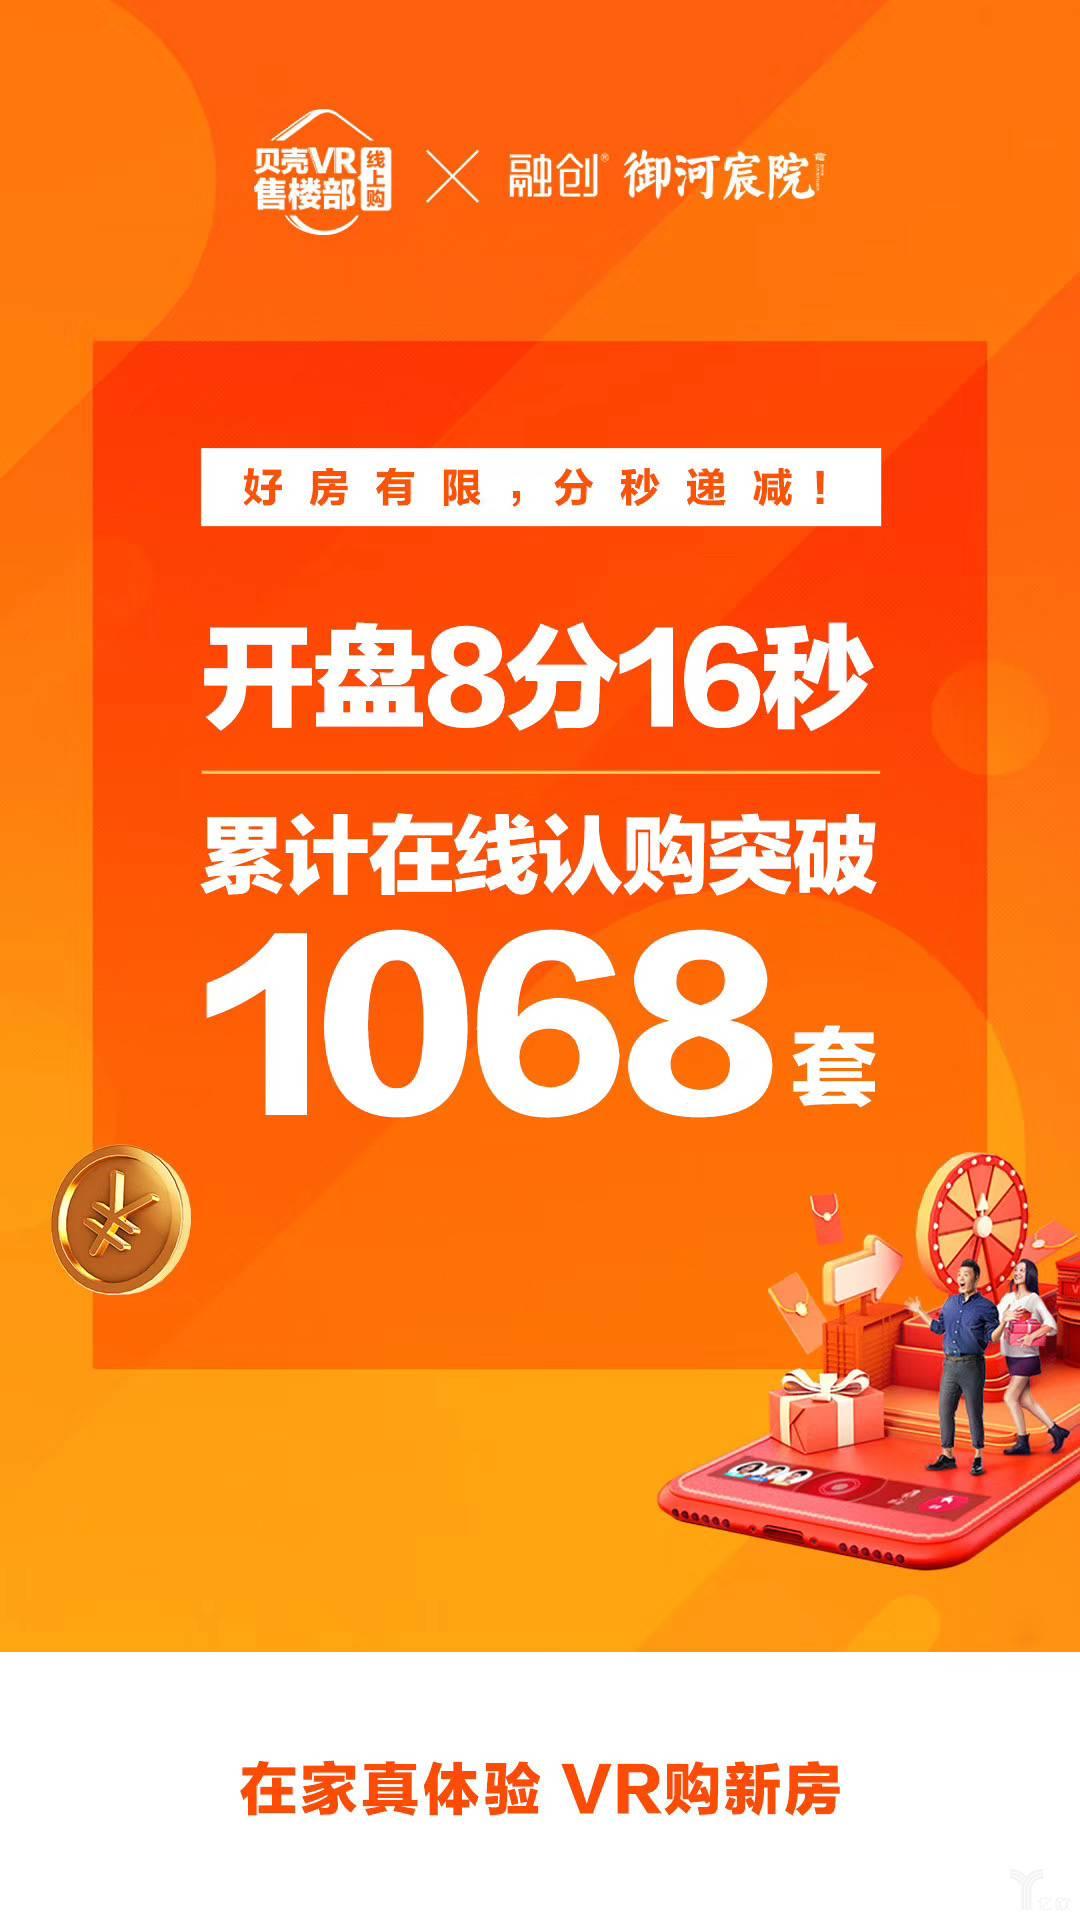 贝壳开盘8分16秒累计在线认购1068套.jpg